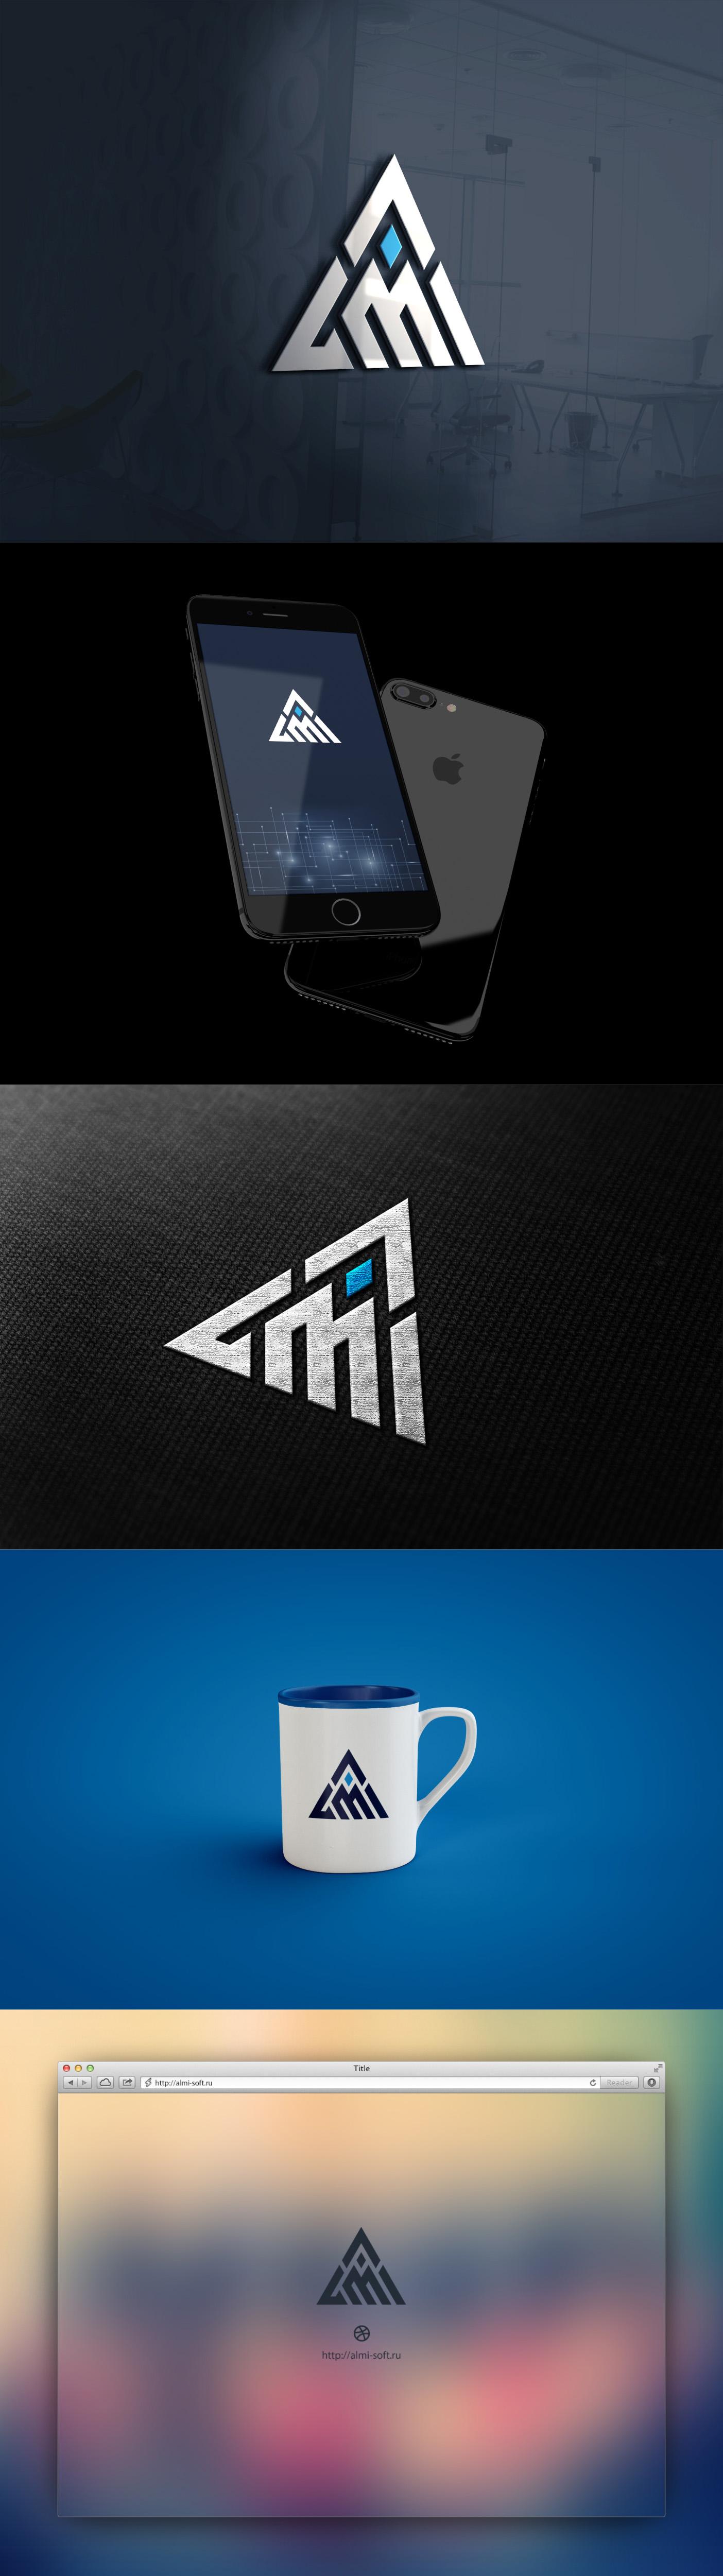 Разработка логотипа и фона фото f_8685996aa779c81f.jpg